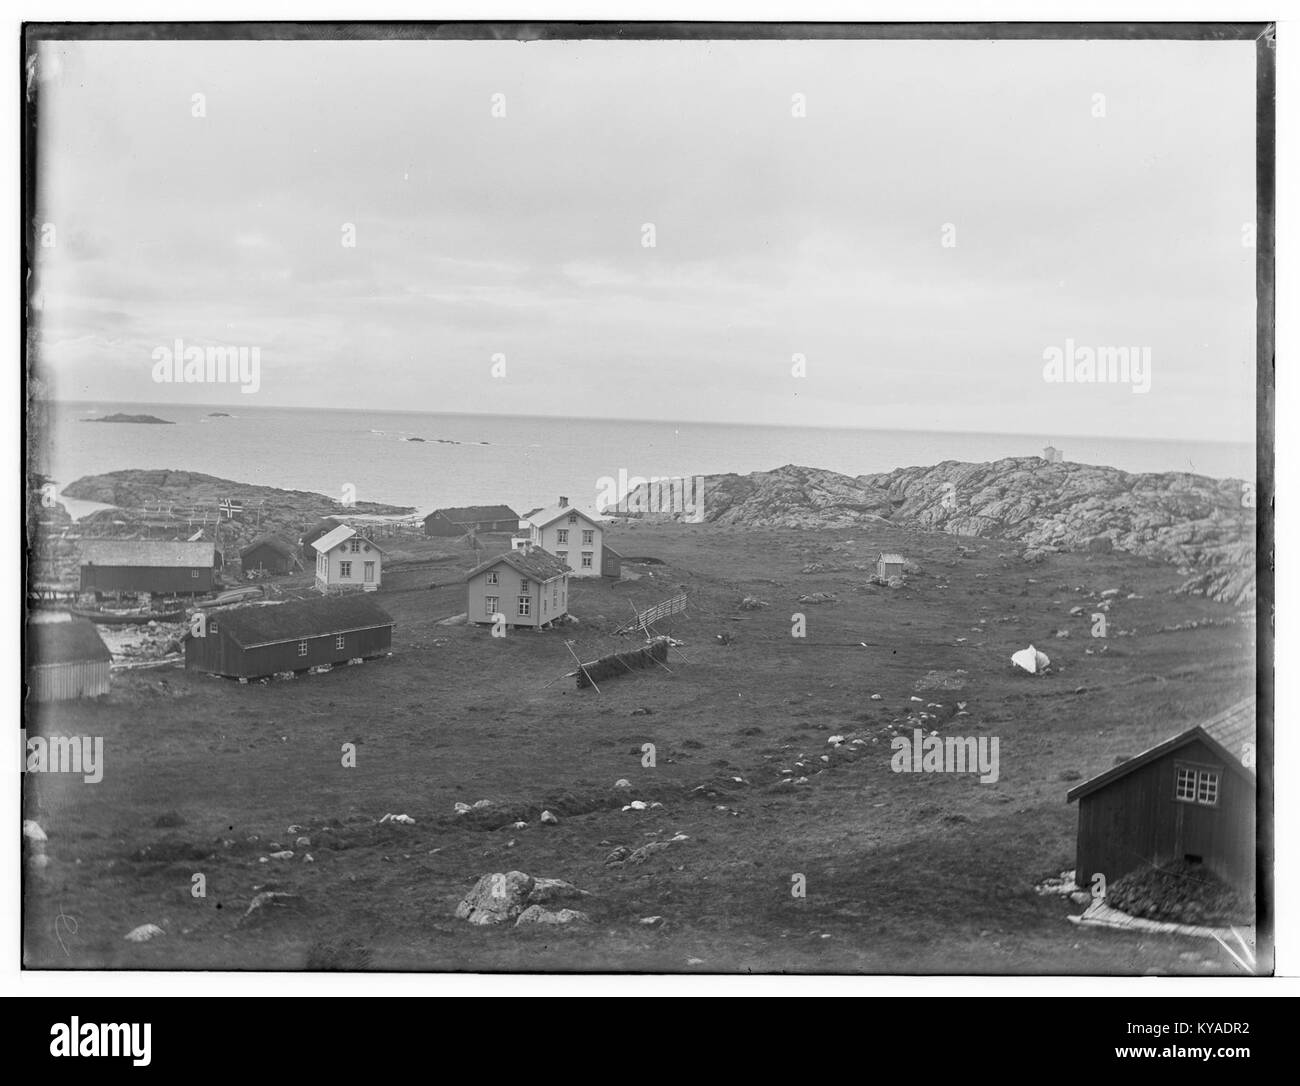 Oversikt, Voje, Sørsand, Nordlands amt - fo30141512070009 - Stock Image